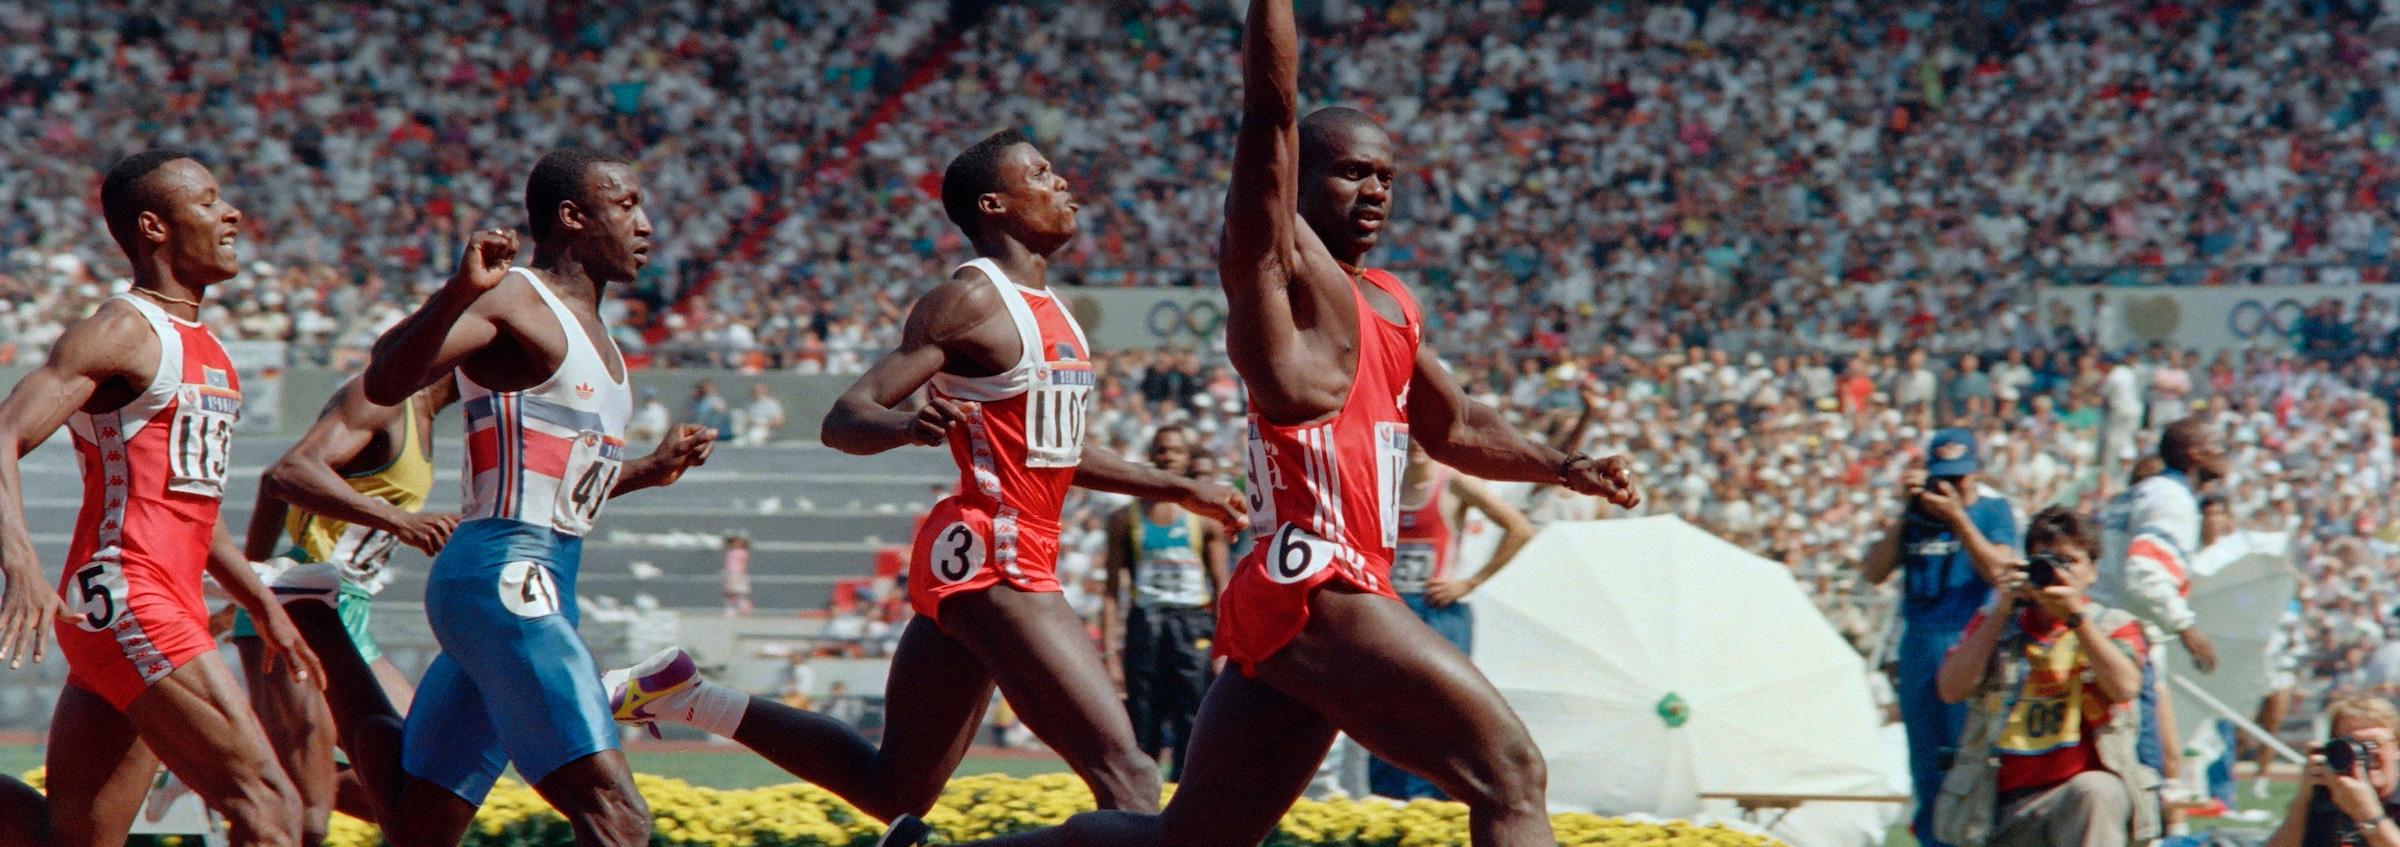 Ben Johnson est suivi par Carl Lewis, Linford Christie et Calvin Smith sur la piste du 100 m des Jeux olympiques de Séoul.